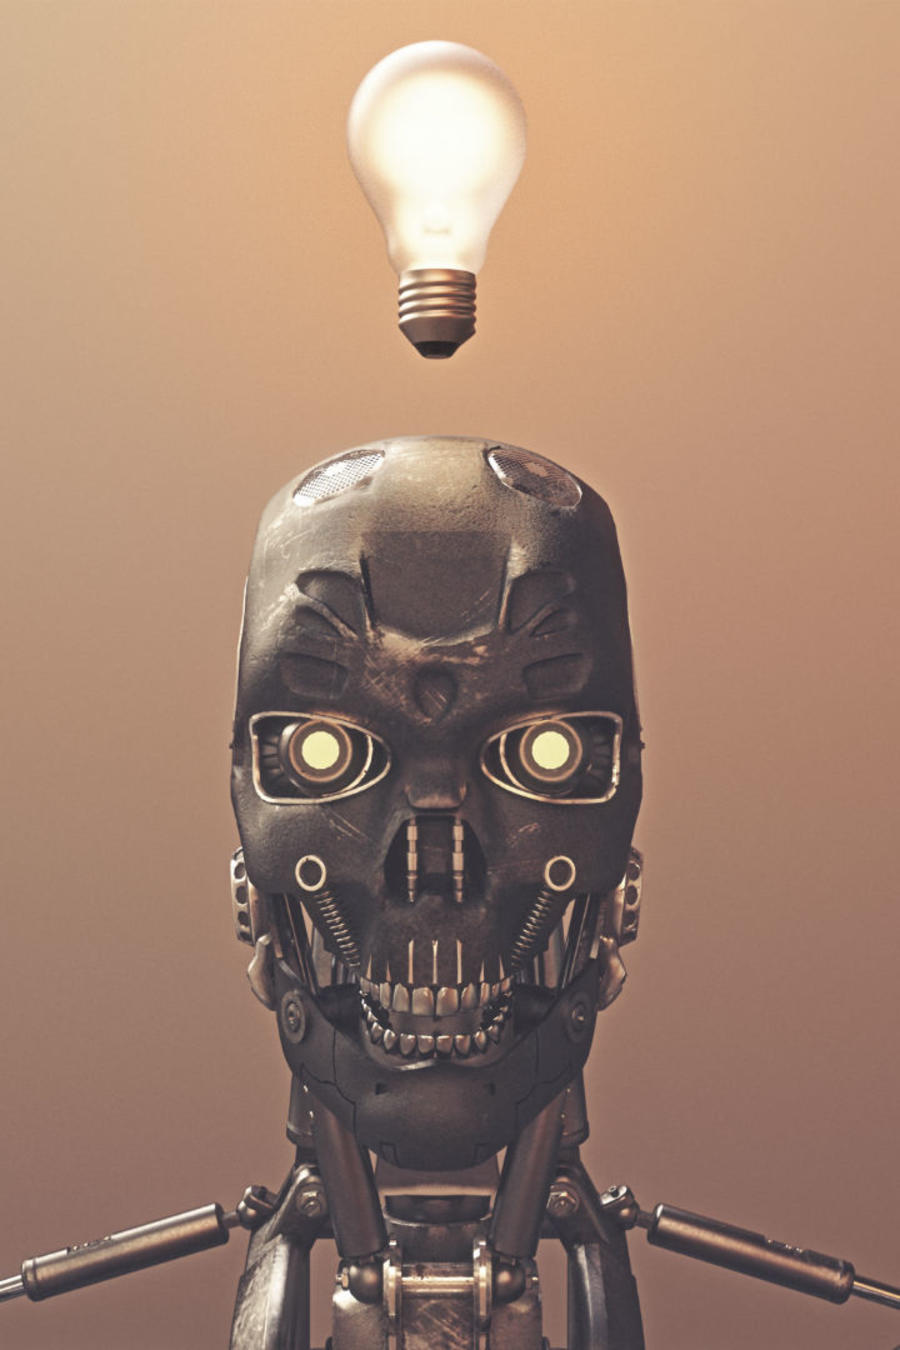 Máquina pensando